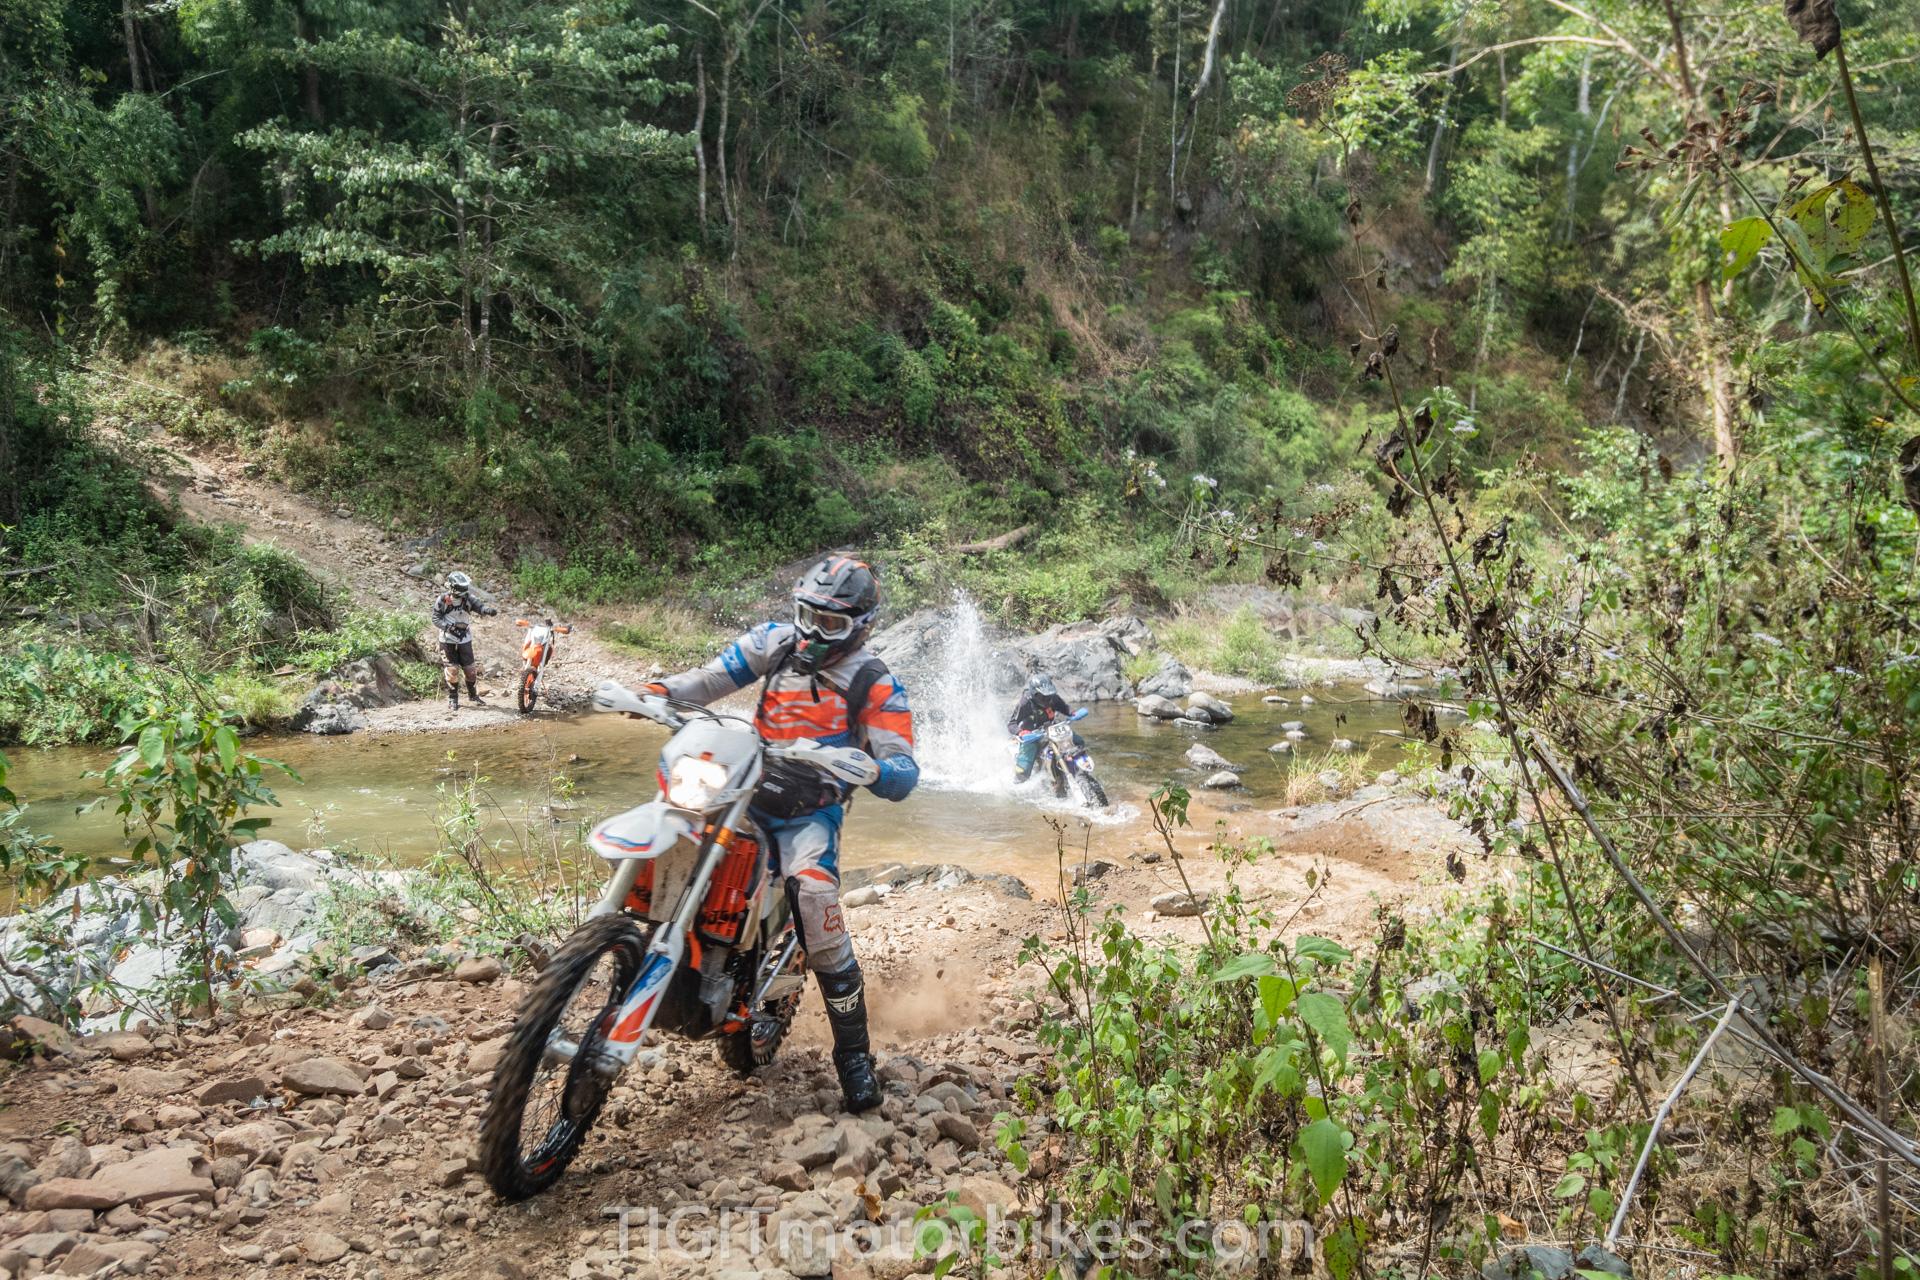 Enduro adventure riders in Vietnam